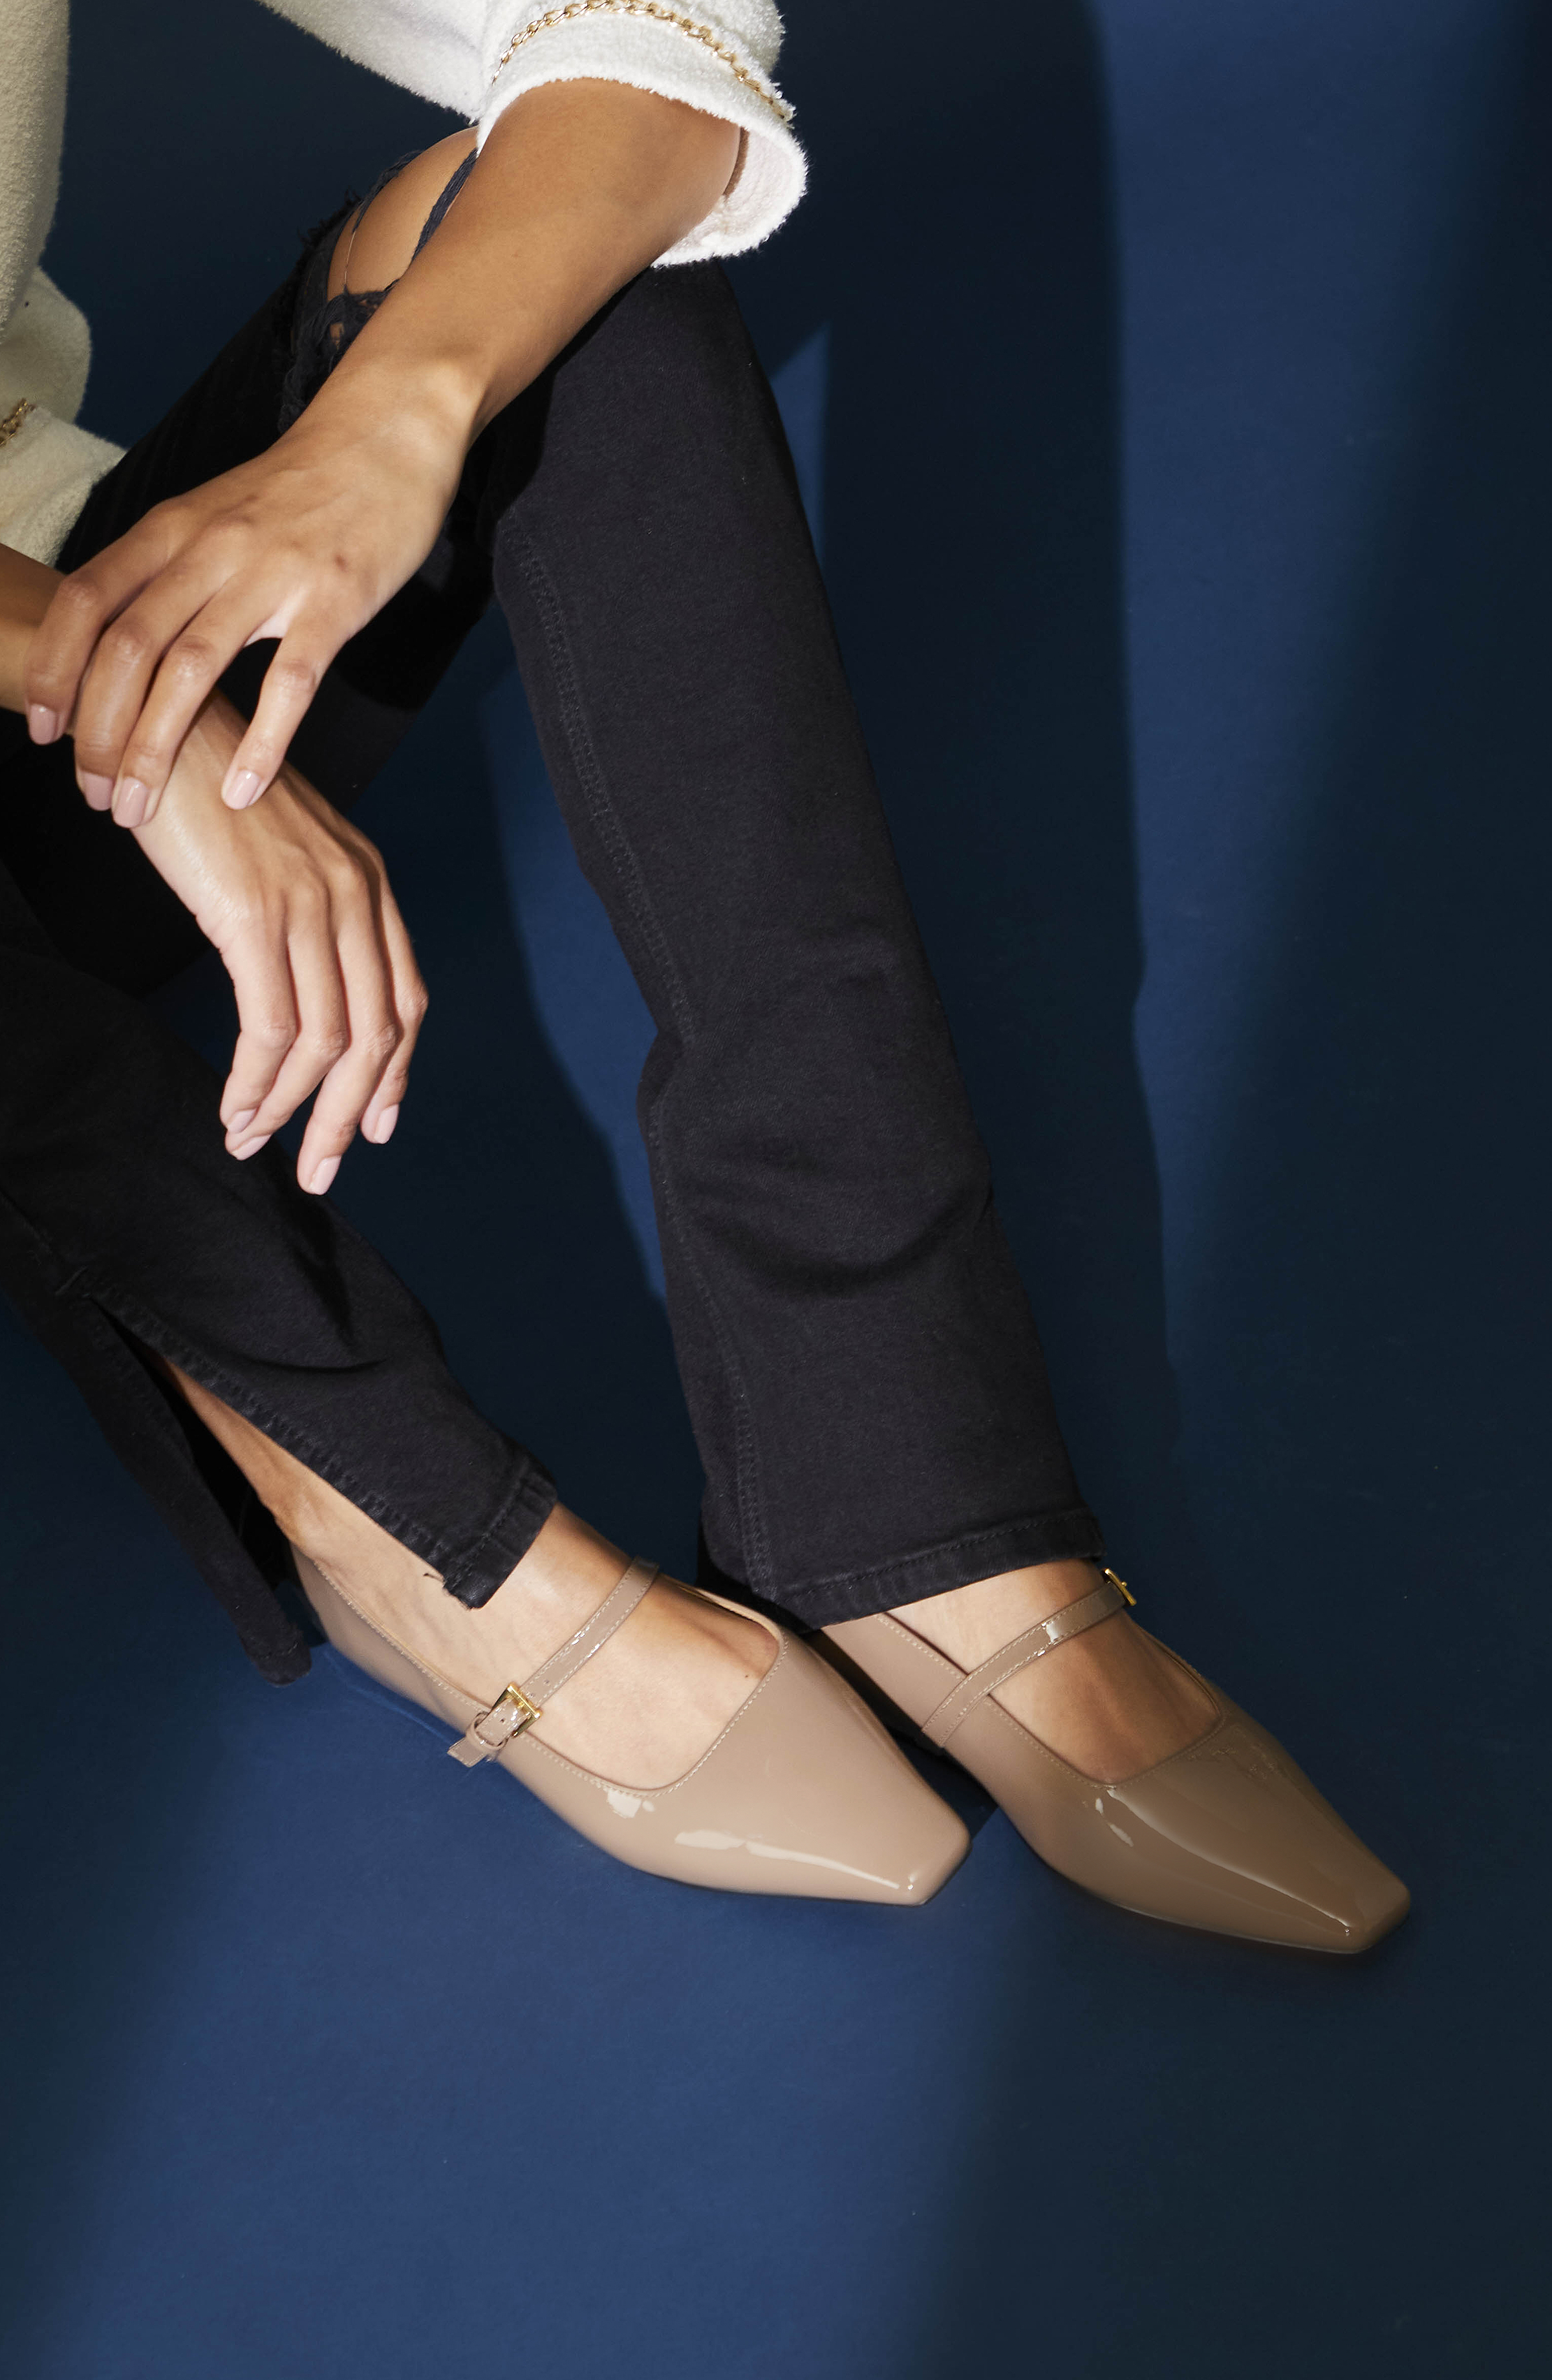 Maple Women's Mary Jane Ballet Flat-Lookbook7